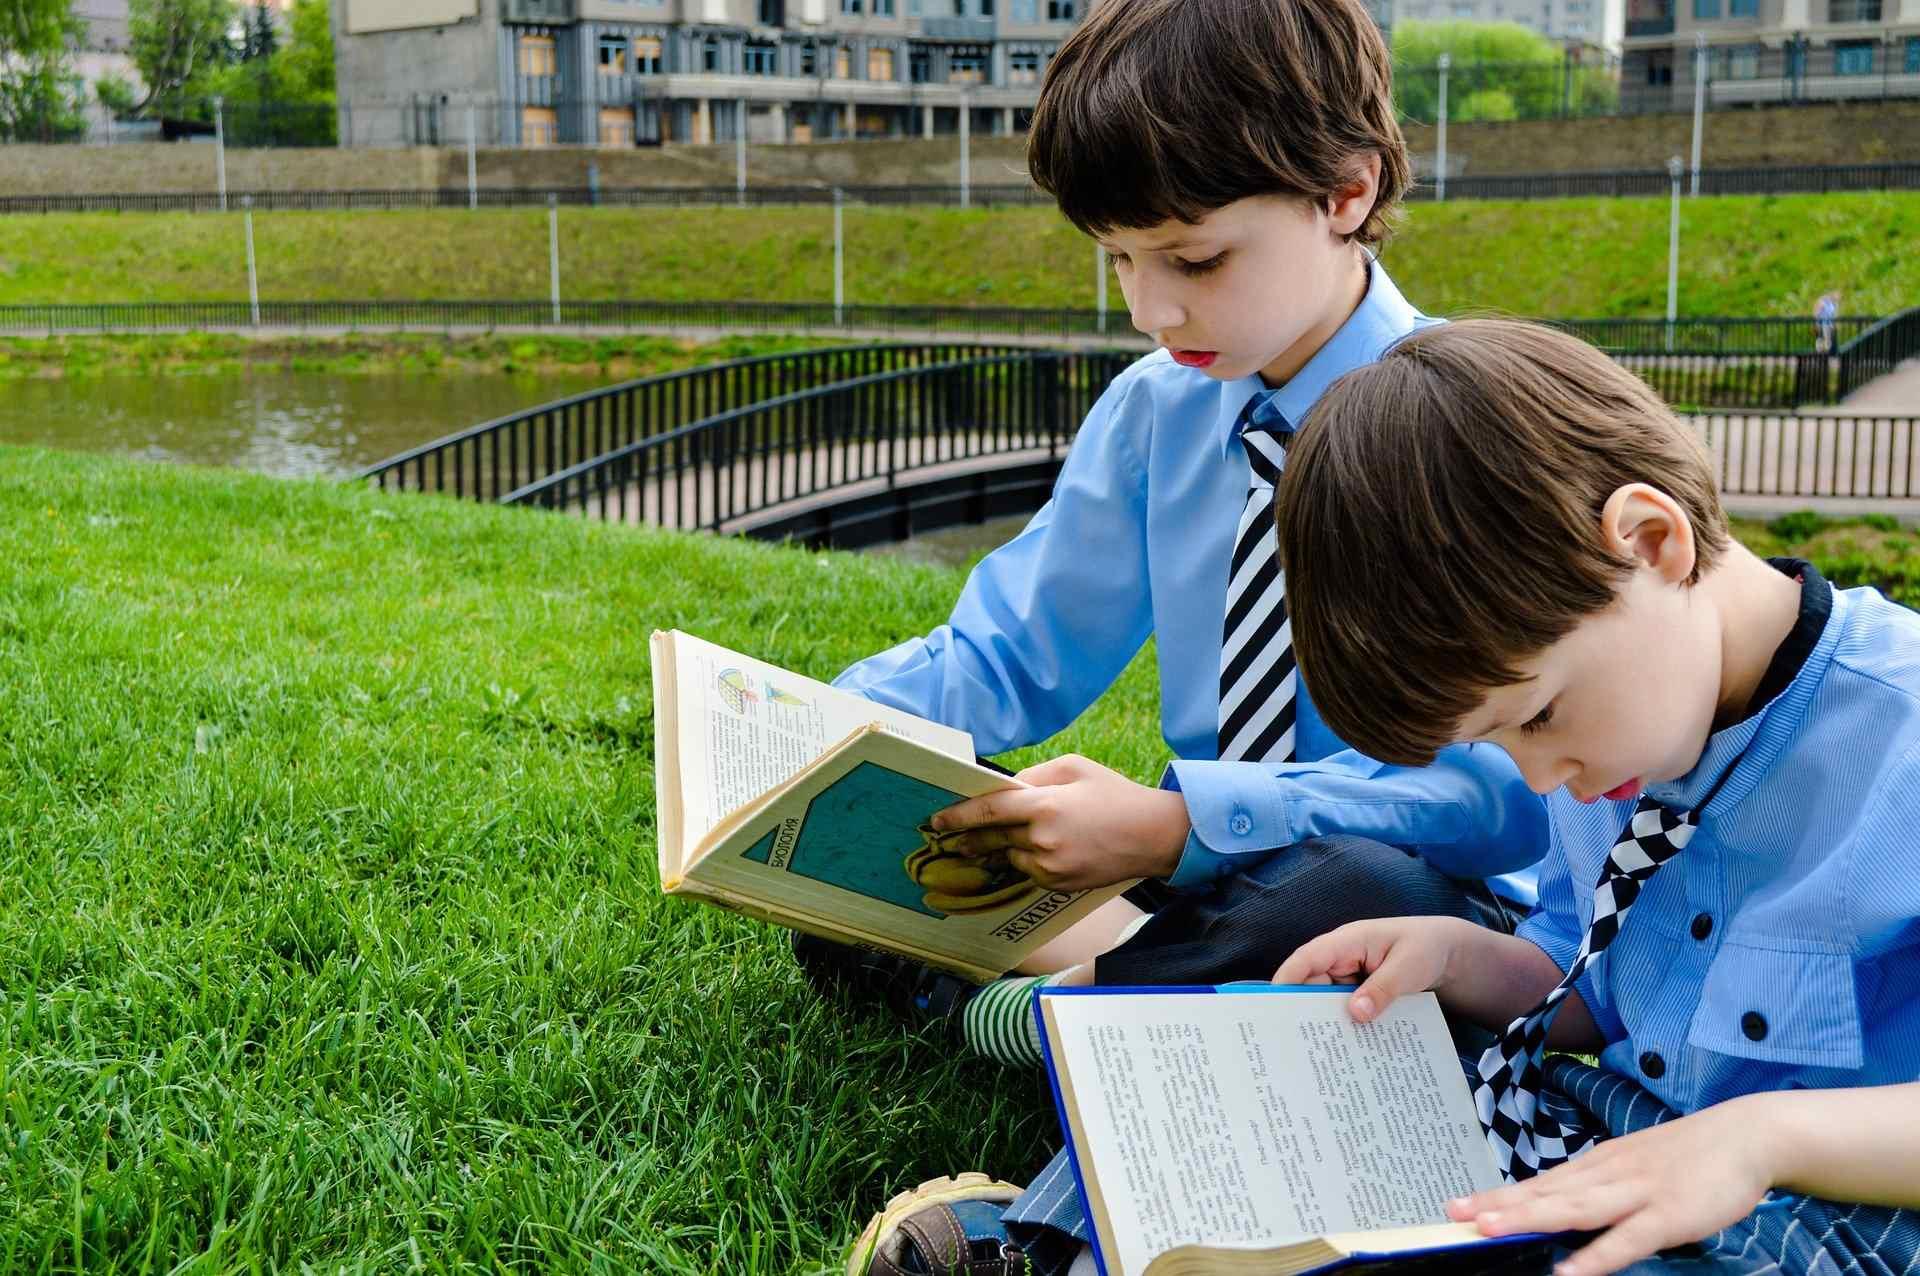 Новороссийским школьникам бесплатно выдадут учебники и обучат на платформе «СберКласс»